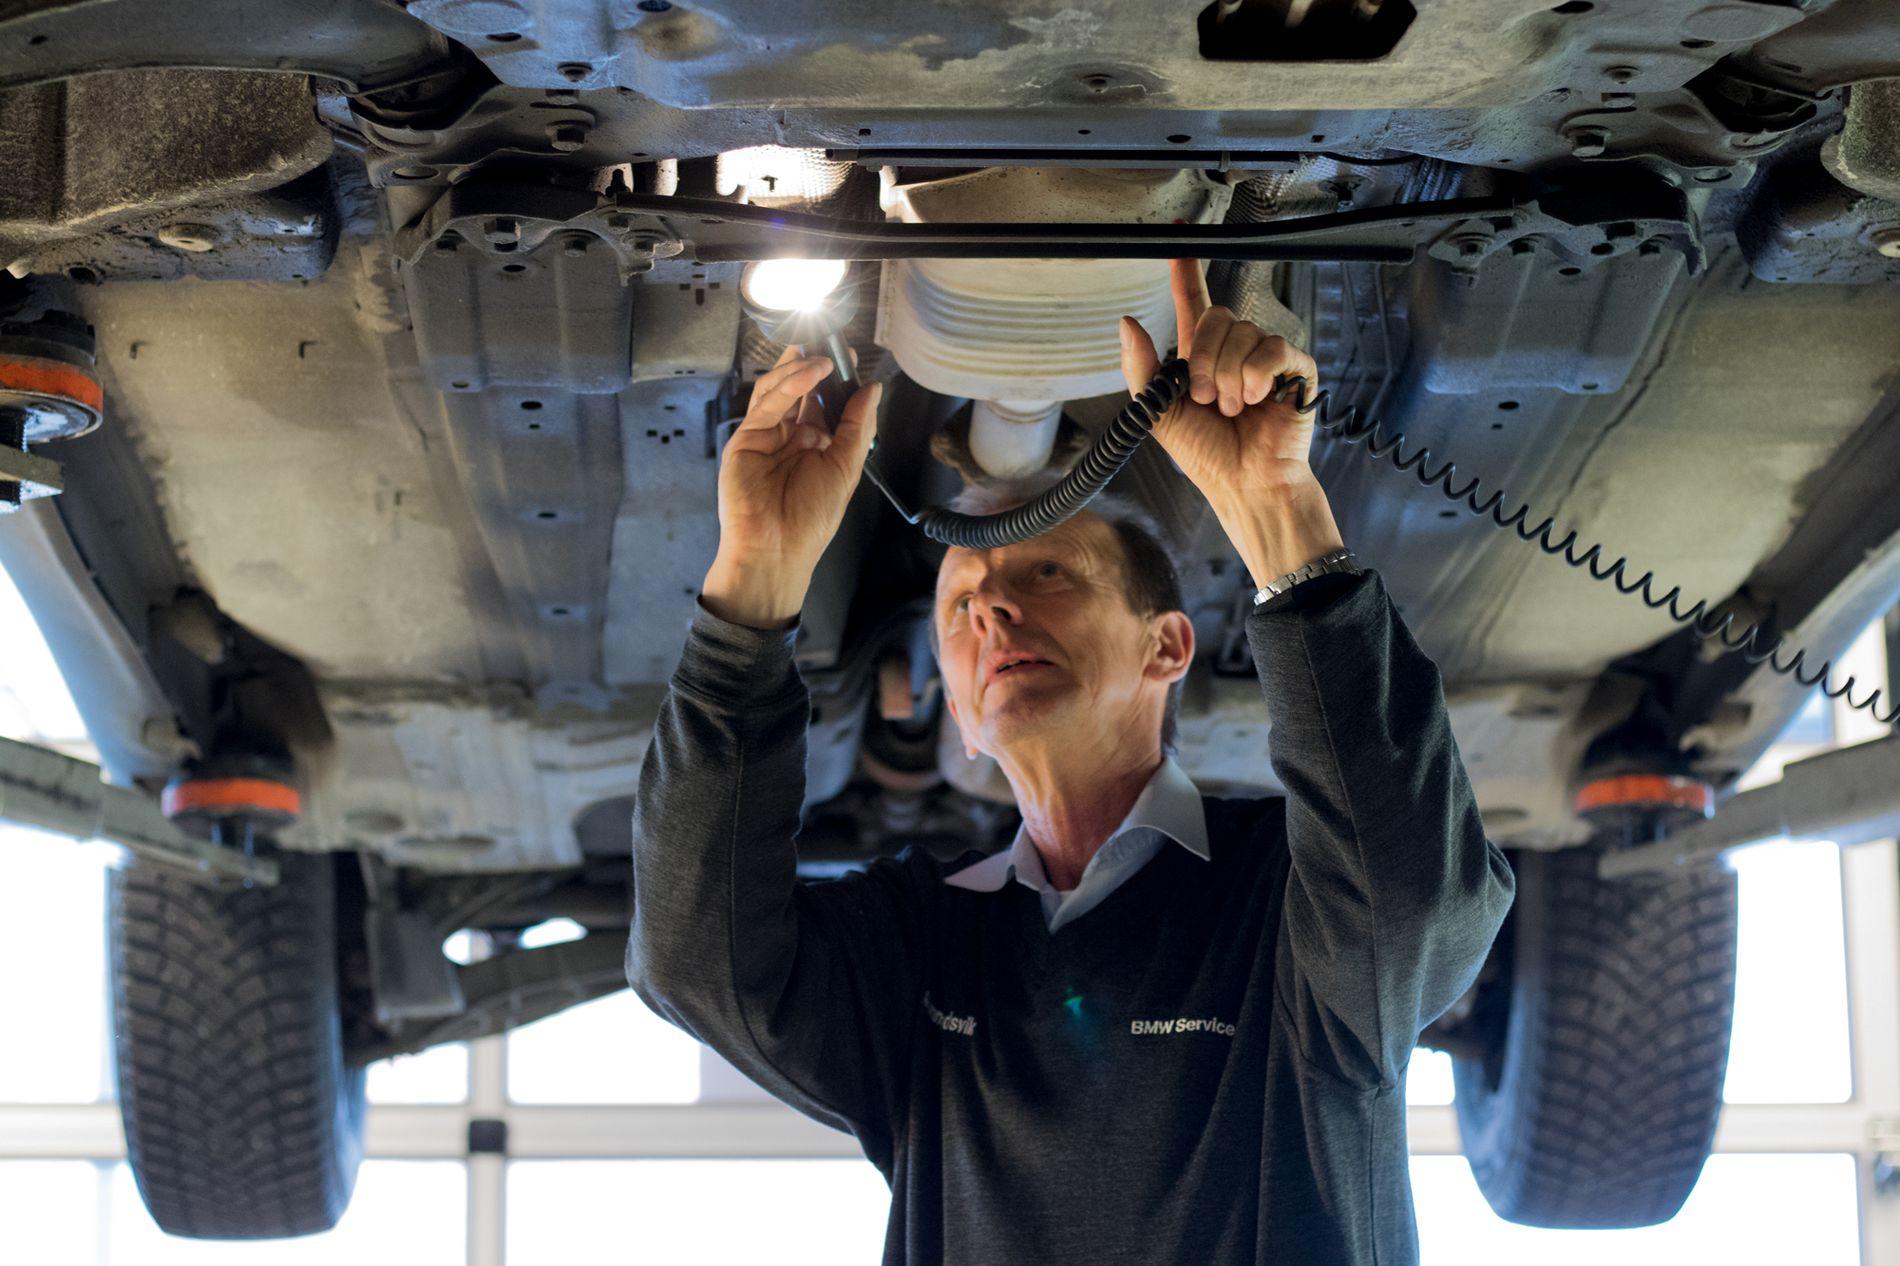 STÅLKONTROLL: Takstmann Gunnar Skredsvik i Bilia passer på at alt er i orden med bilen før den legges ut for salg.